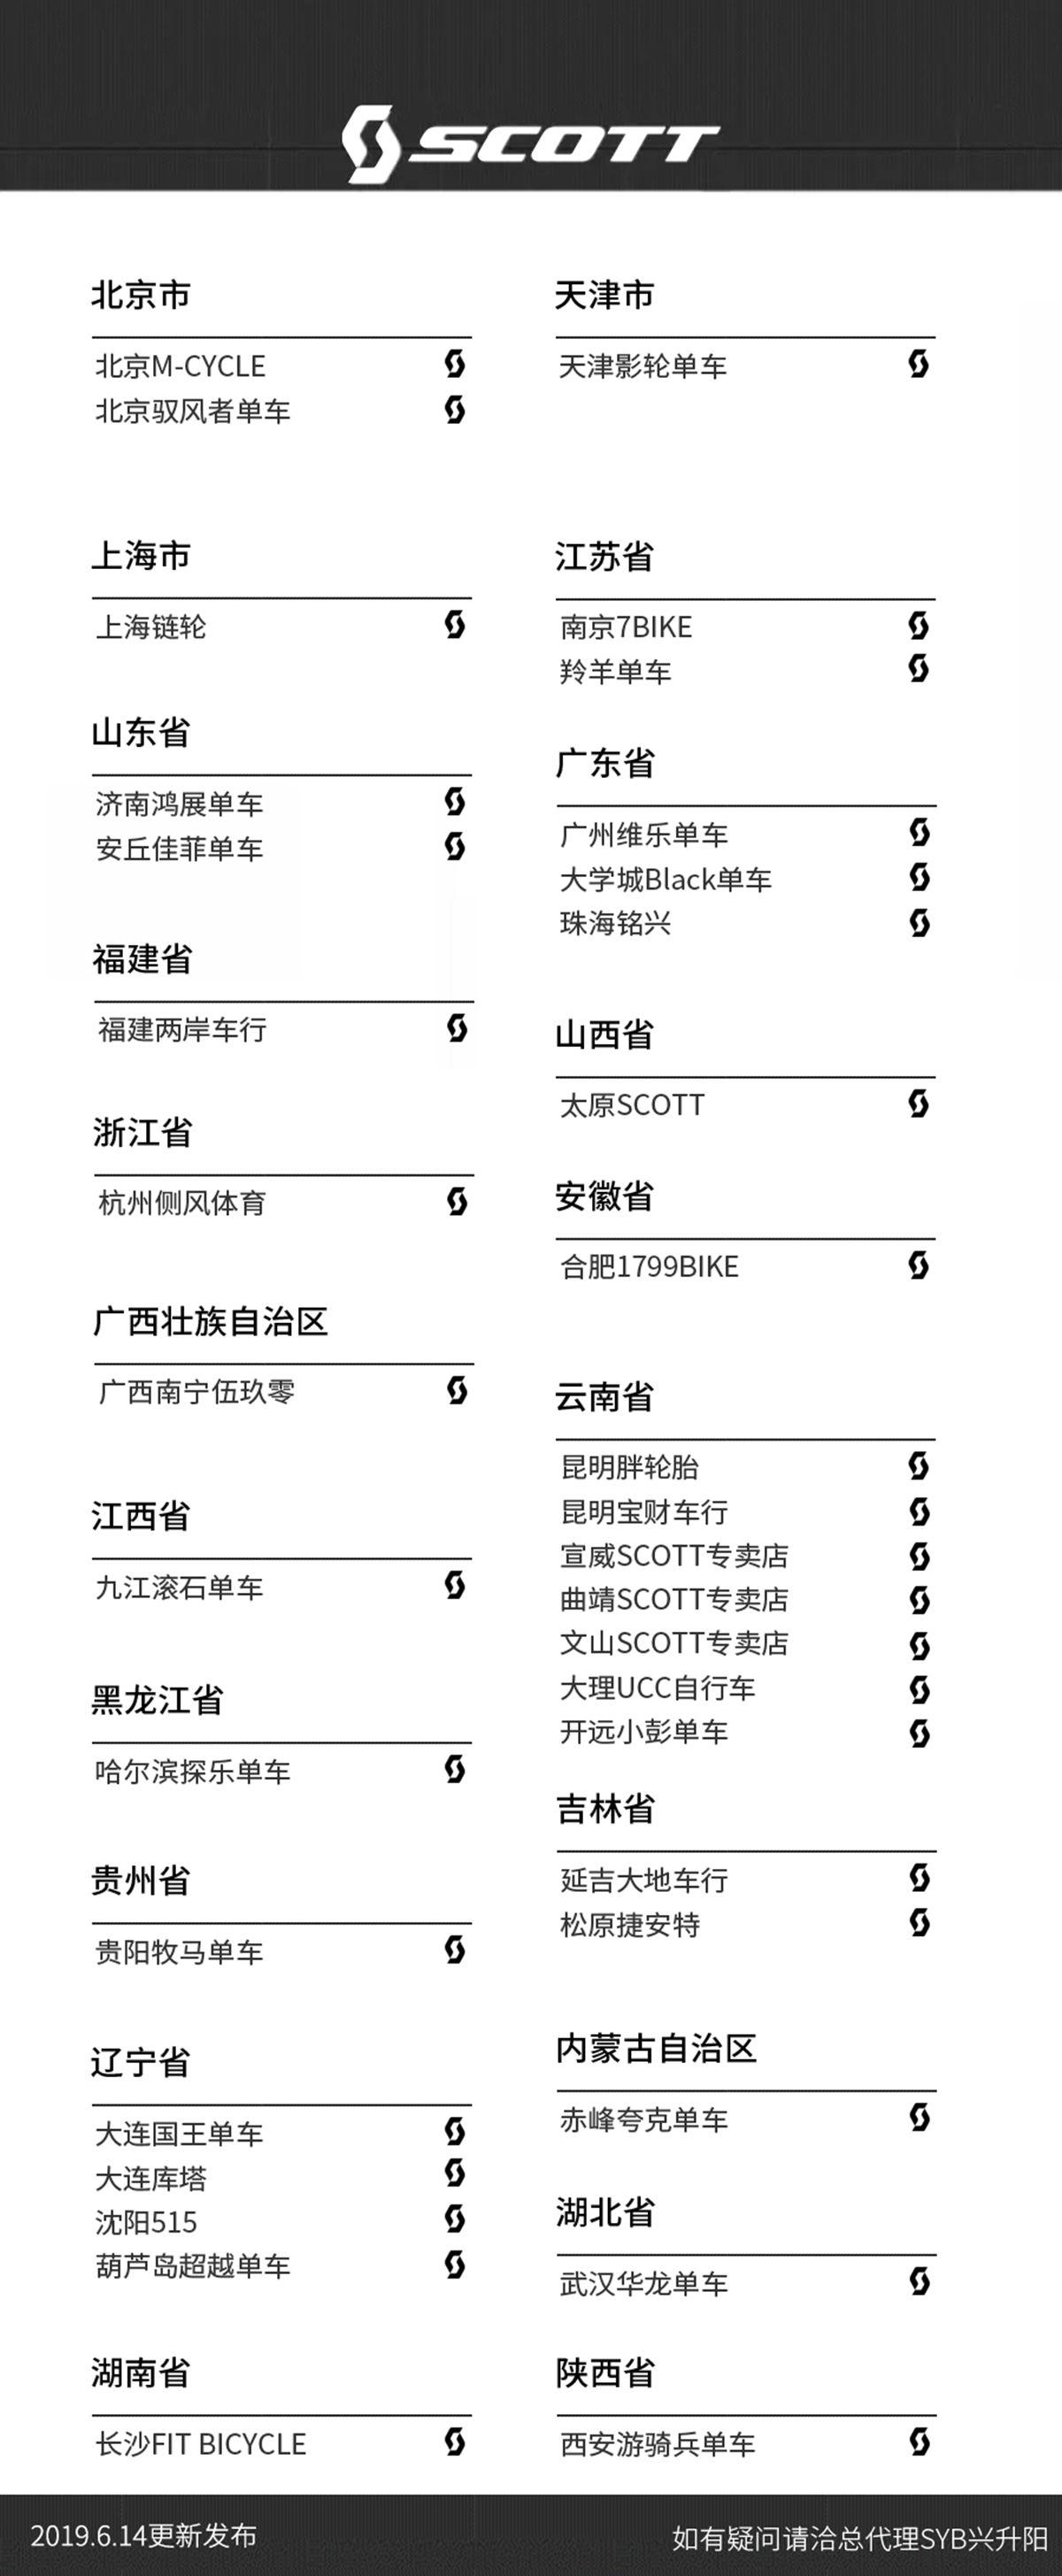 SCOTT经销商2019.6.jpg